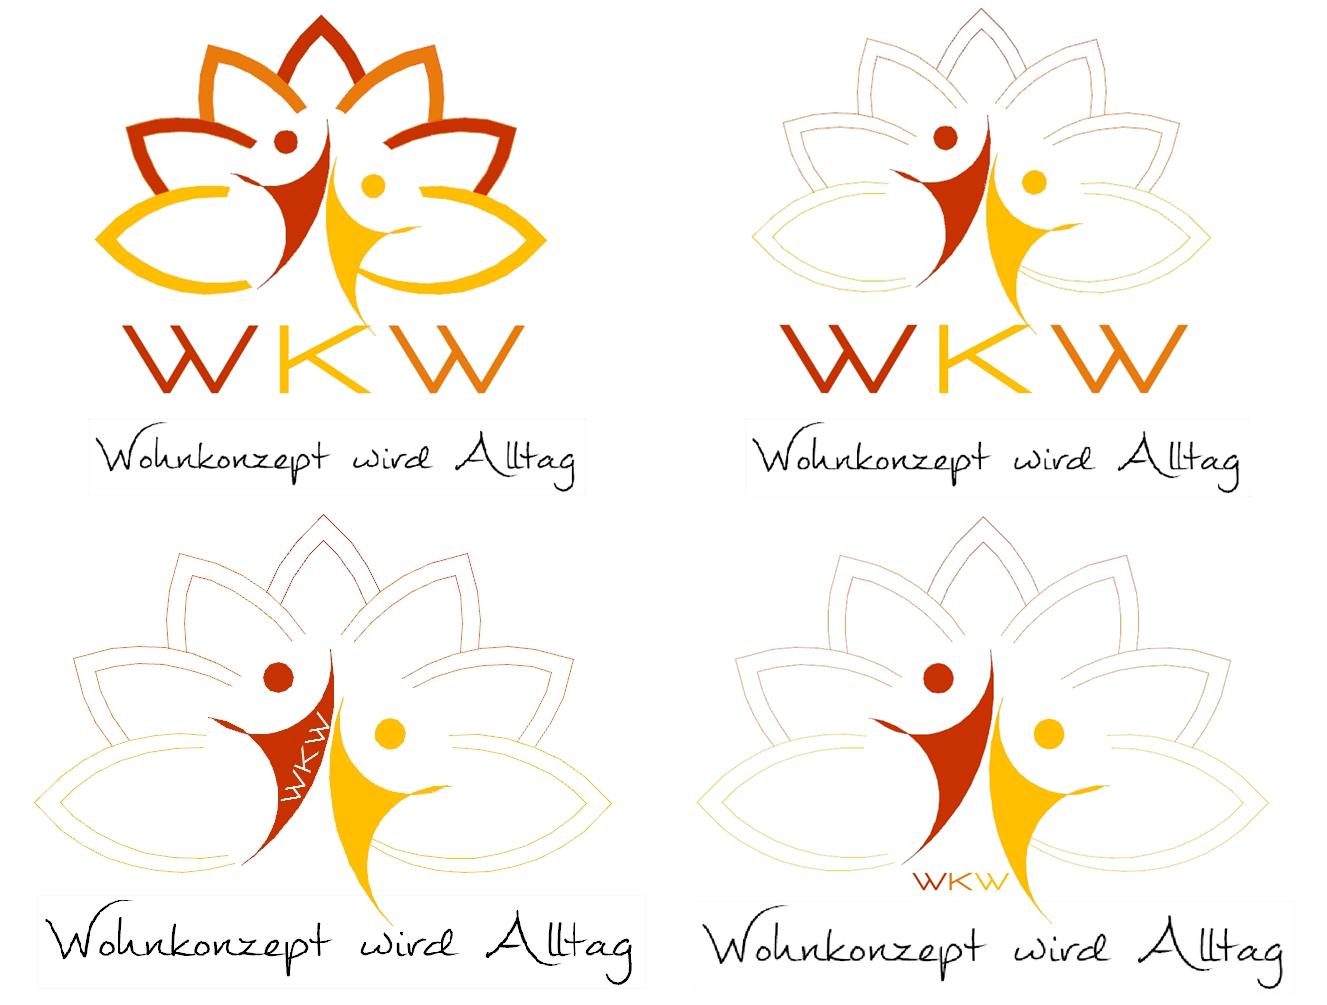 Logo-Entwurf für WKW